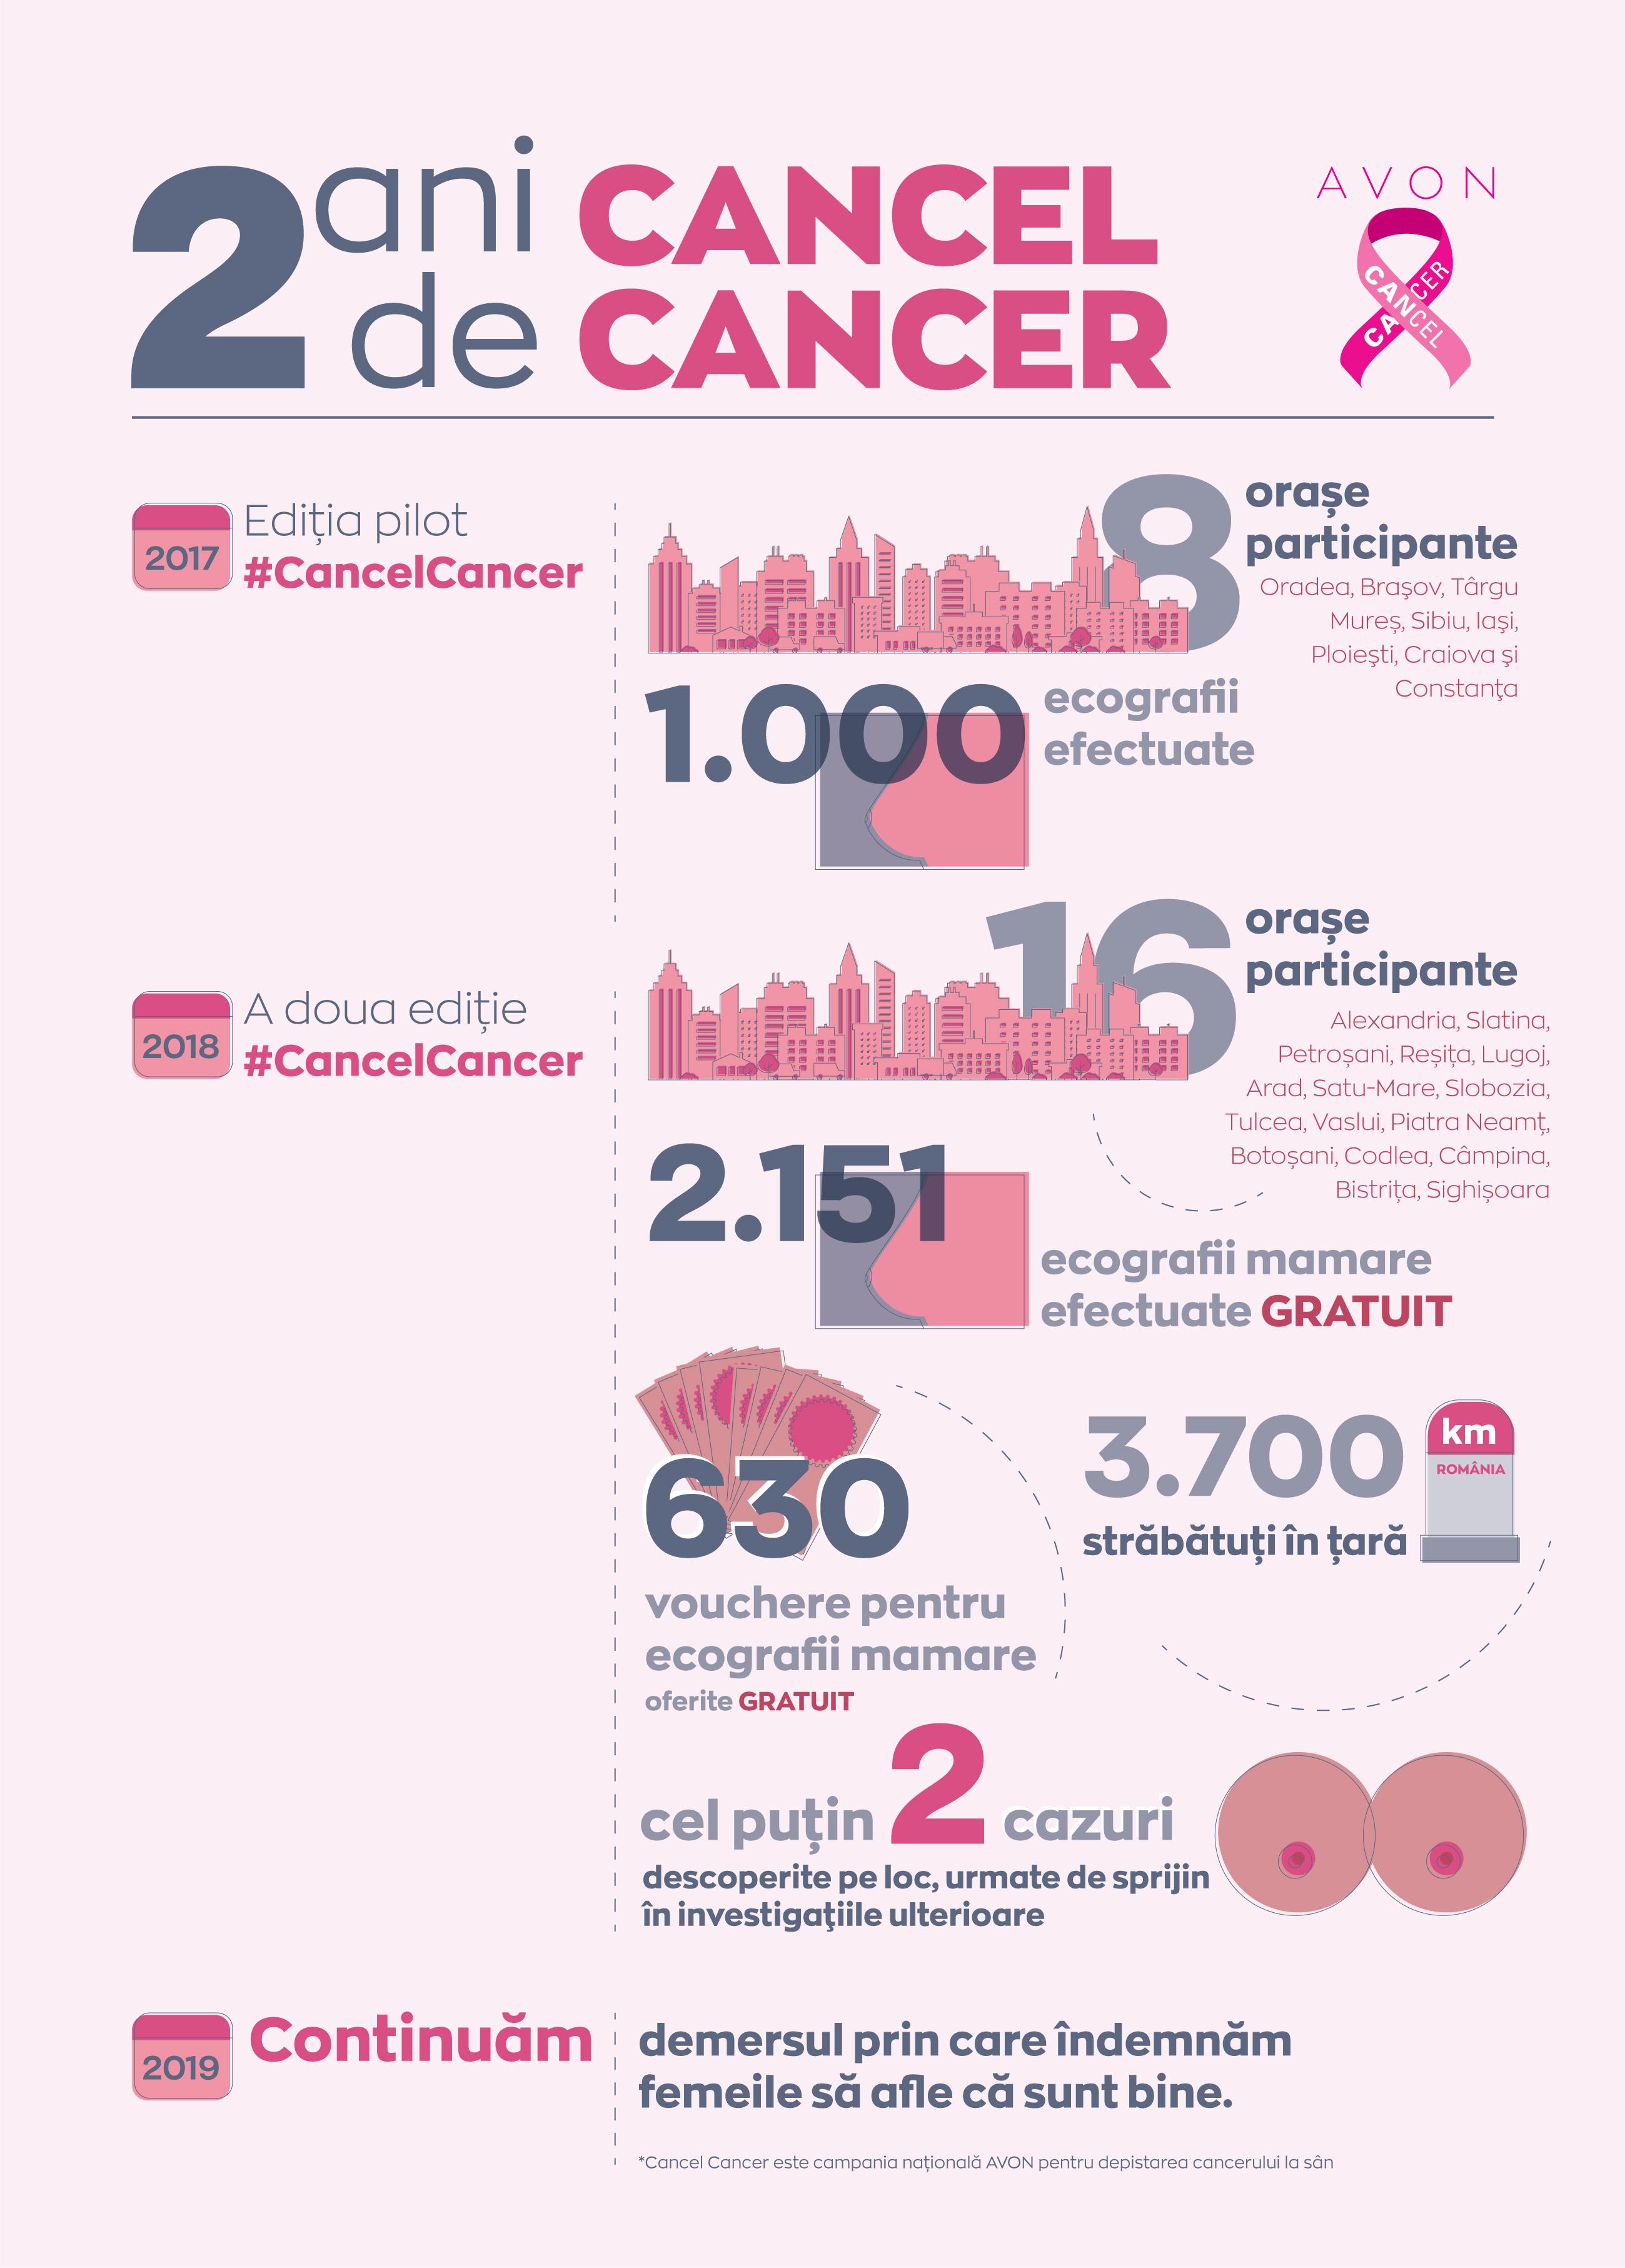 Avon și Kaufland continuă și în 2019 campania națională pentru depistarea cancerului la sân